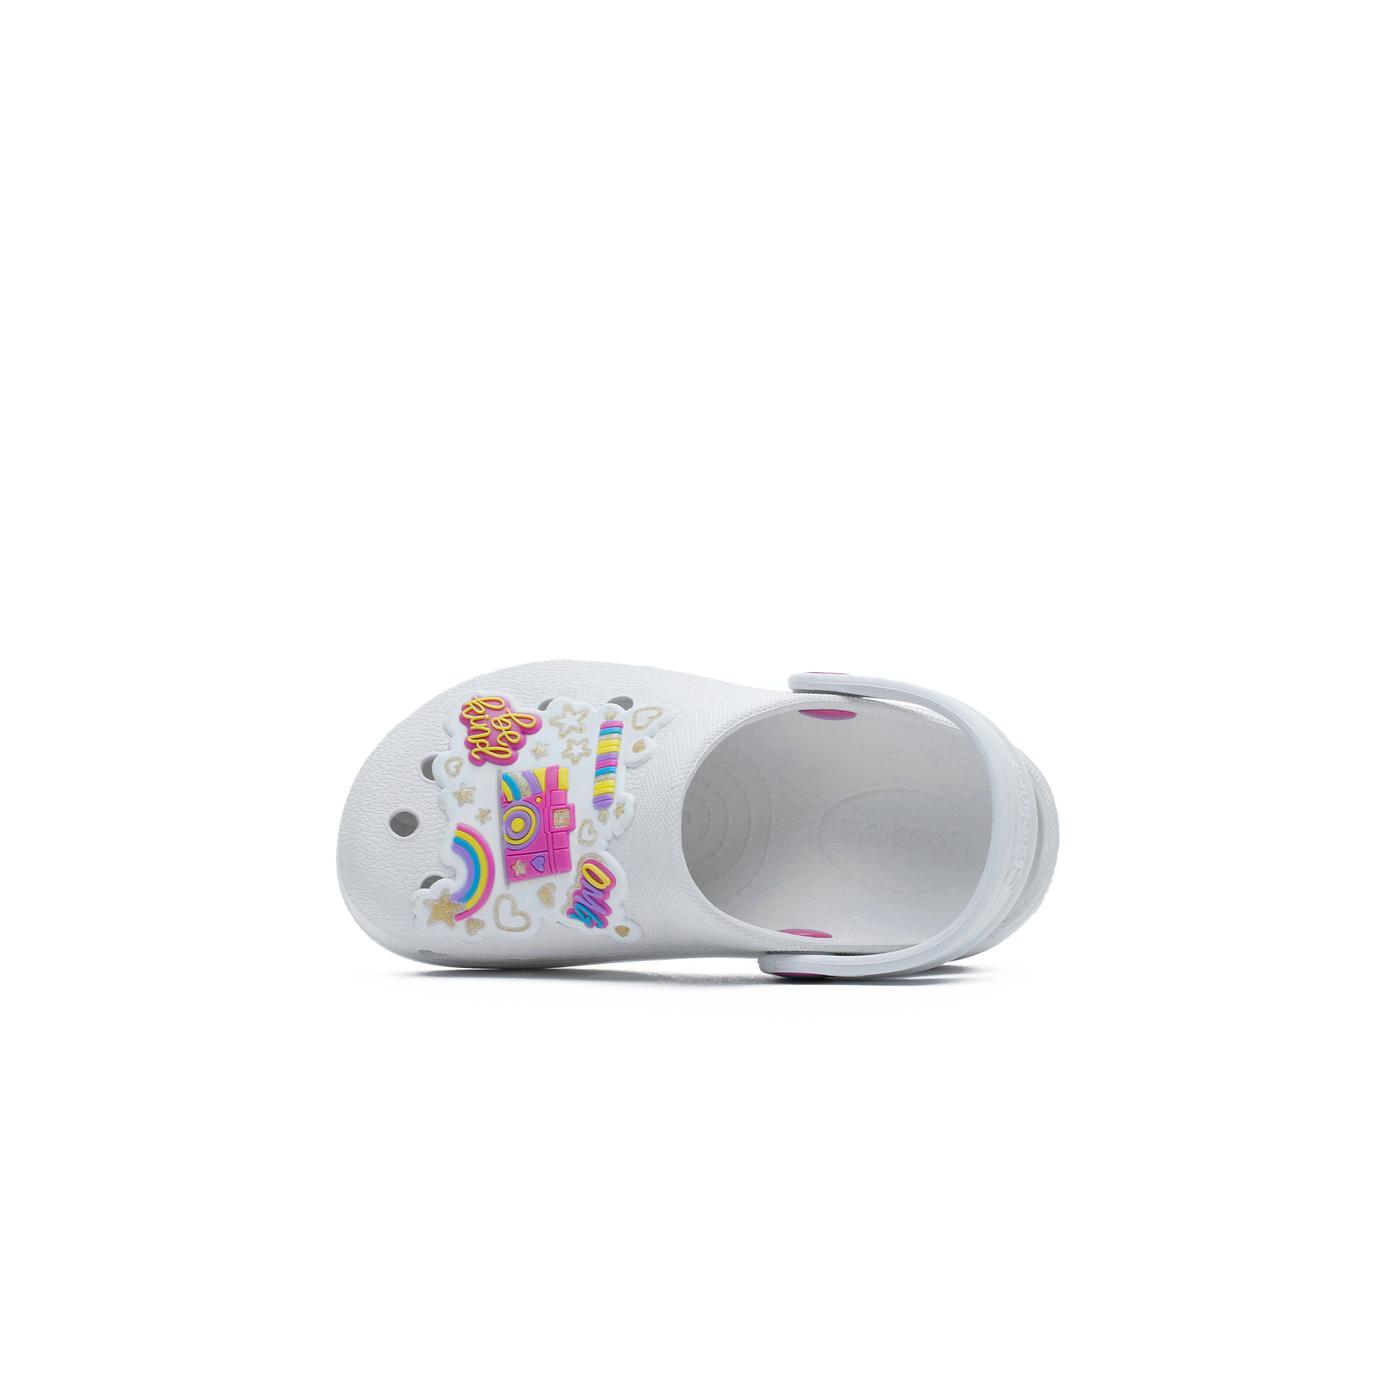 Skechers Heart Charmer Photobomb Çocuk Beyaz Terlik